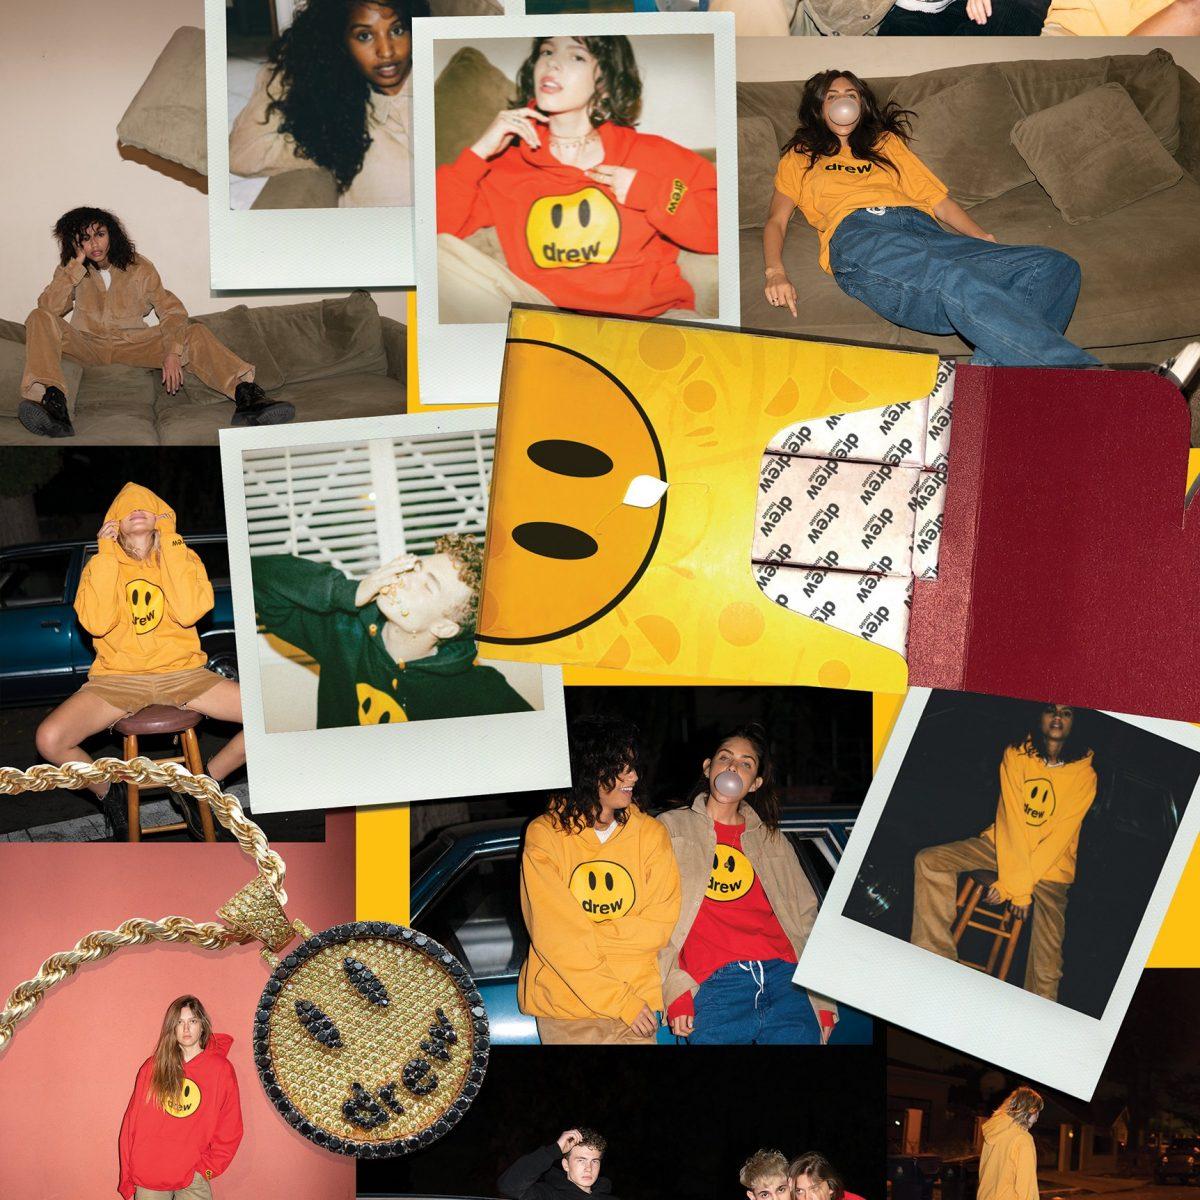 drew house colecao inaugural 06 - Justin Bieber lança sua marca própria de streetwear